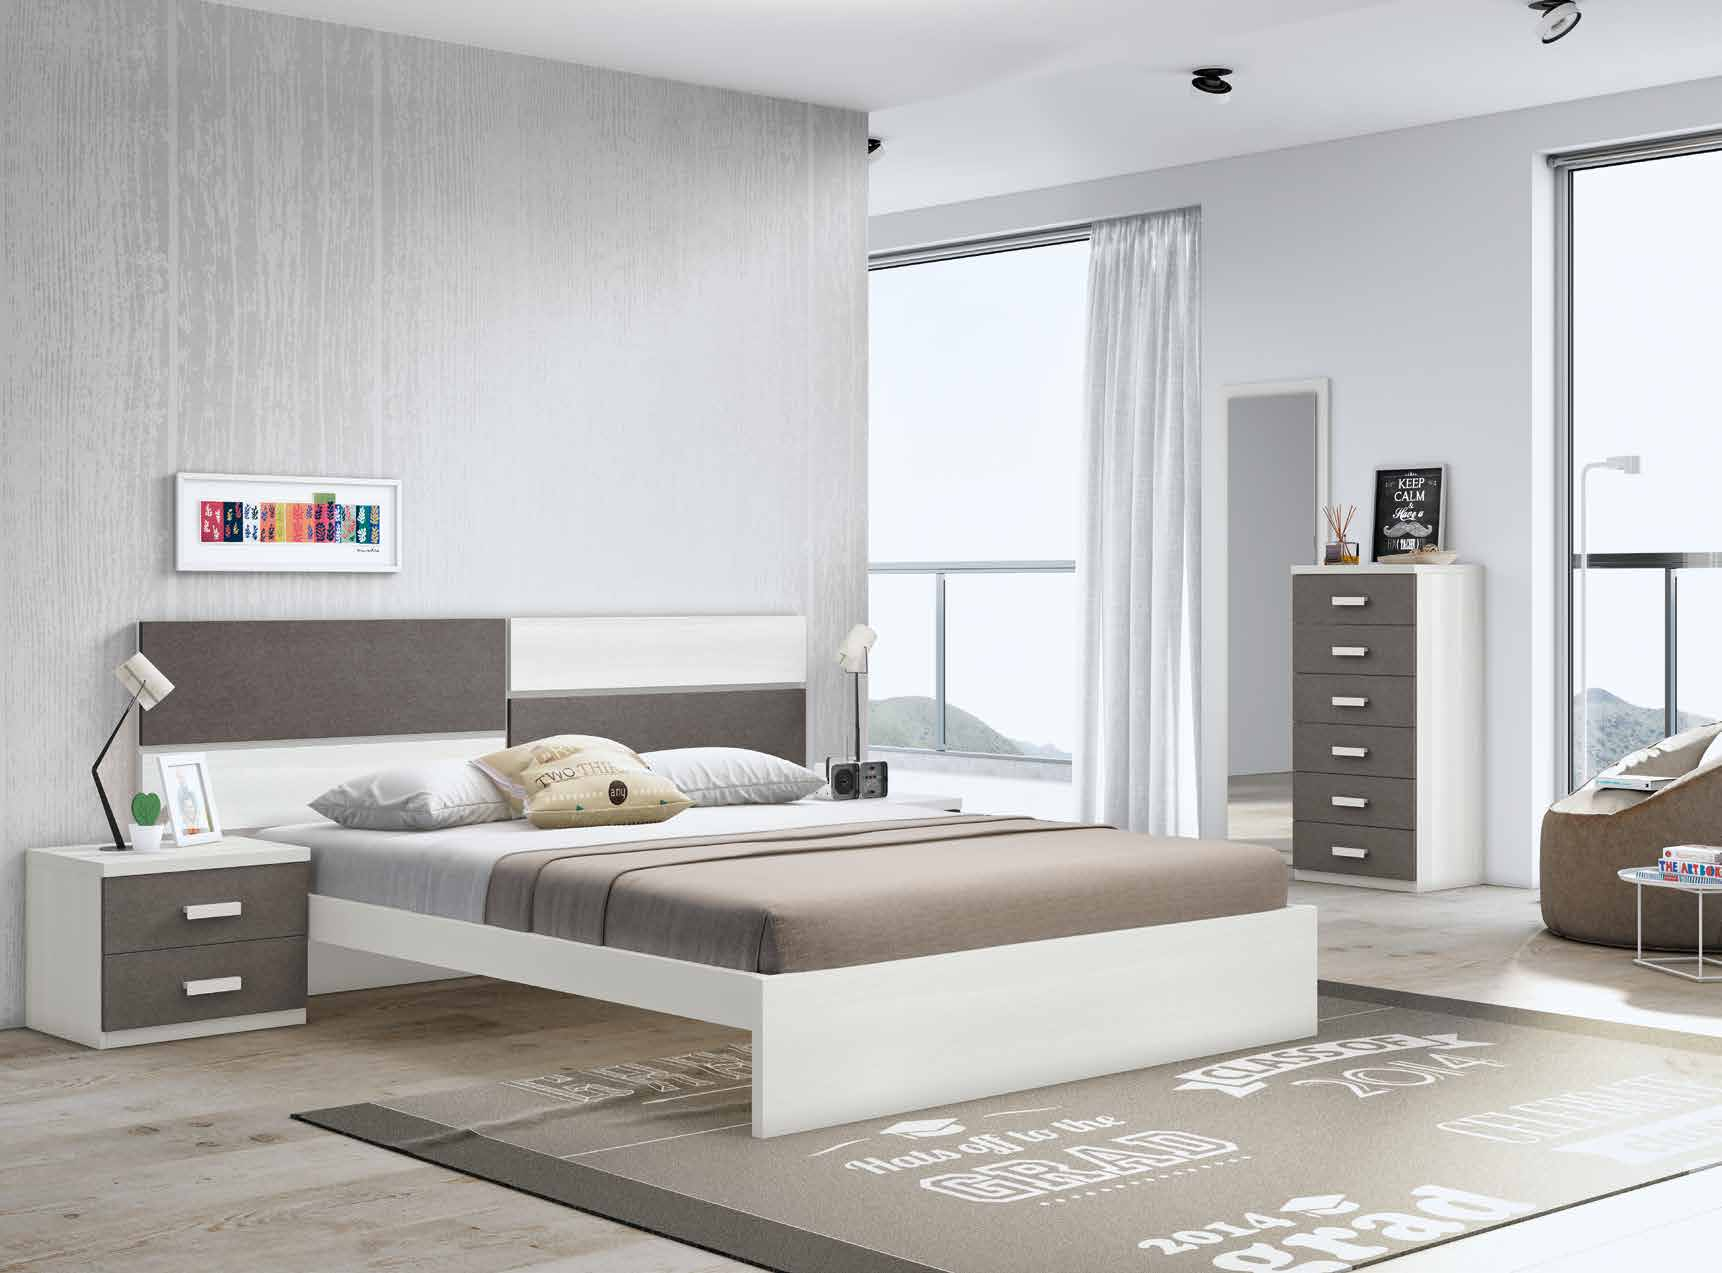 279-dormitorios-ba-46